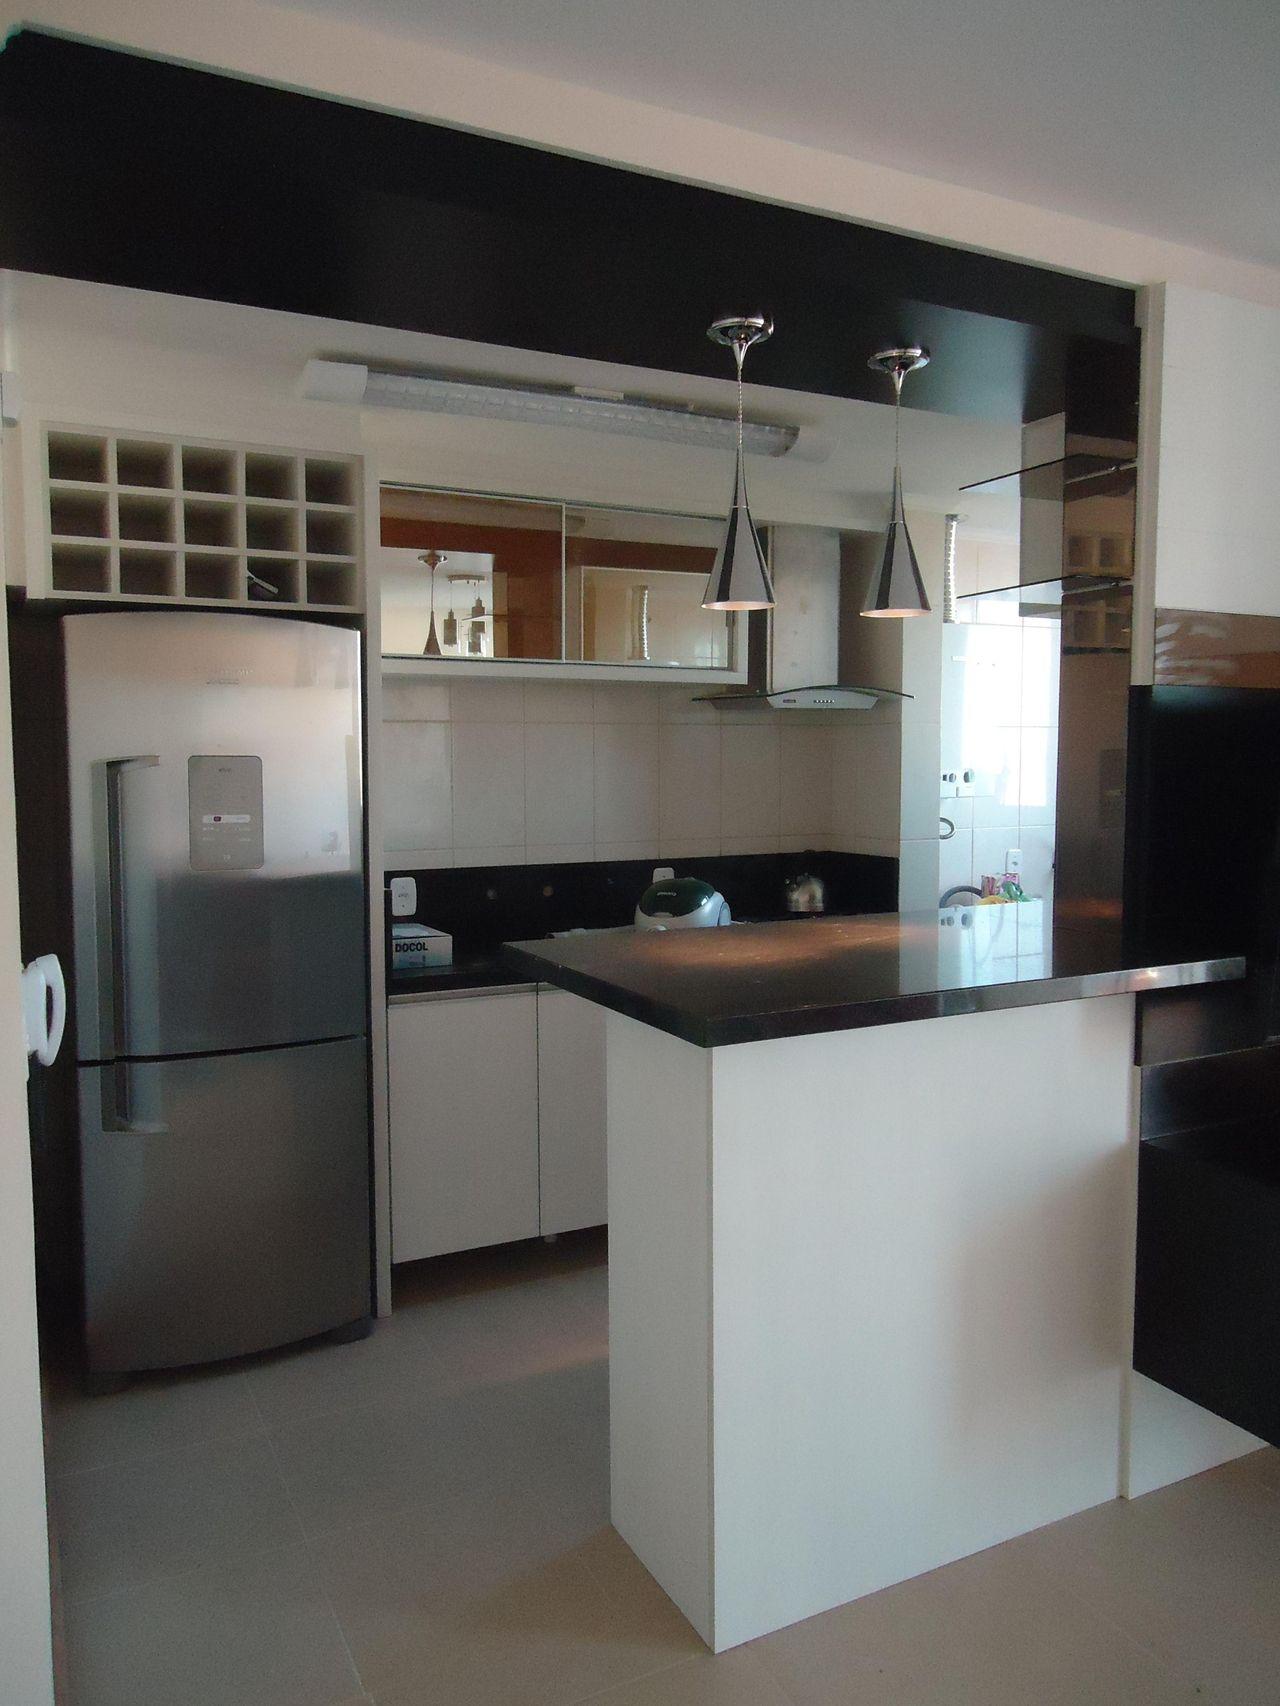 Cozinha Planejada De Elevo Arquitetura 43231 No Viva Decora